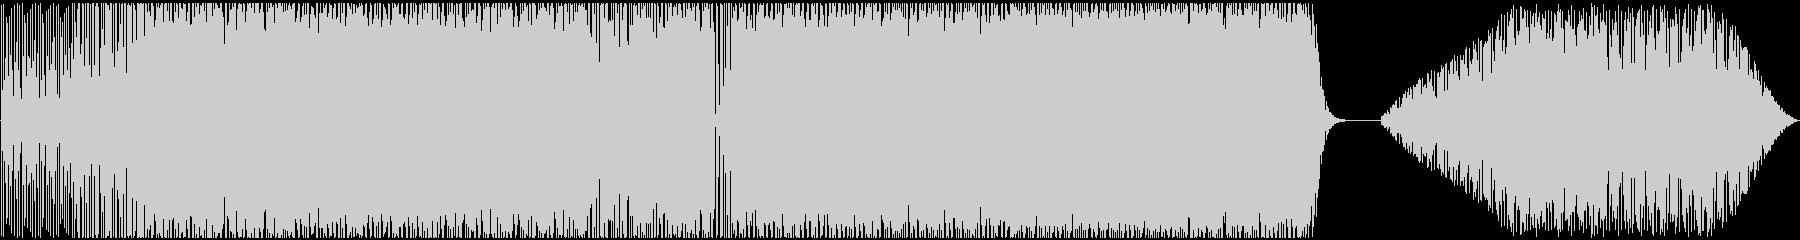 Pushin'の未再生の波形